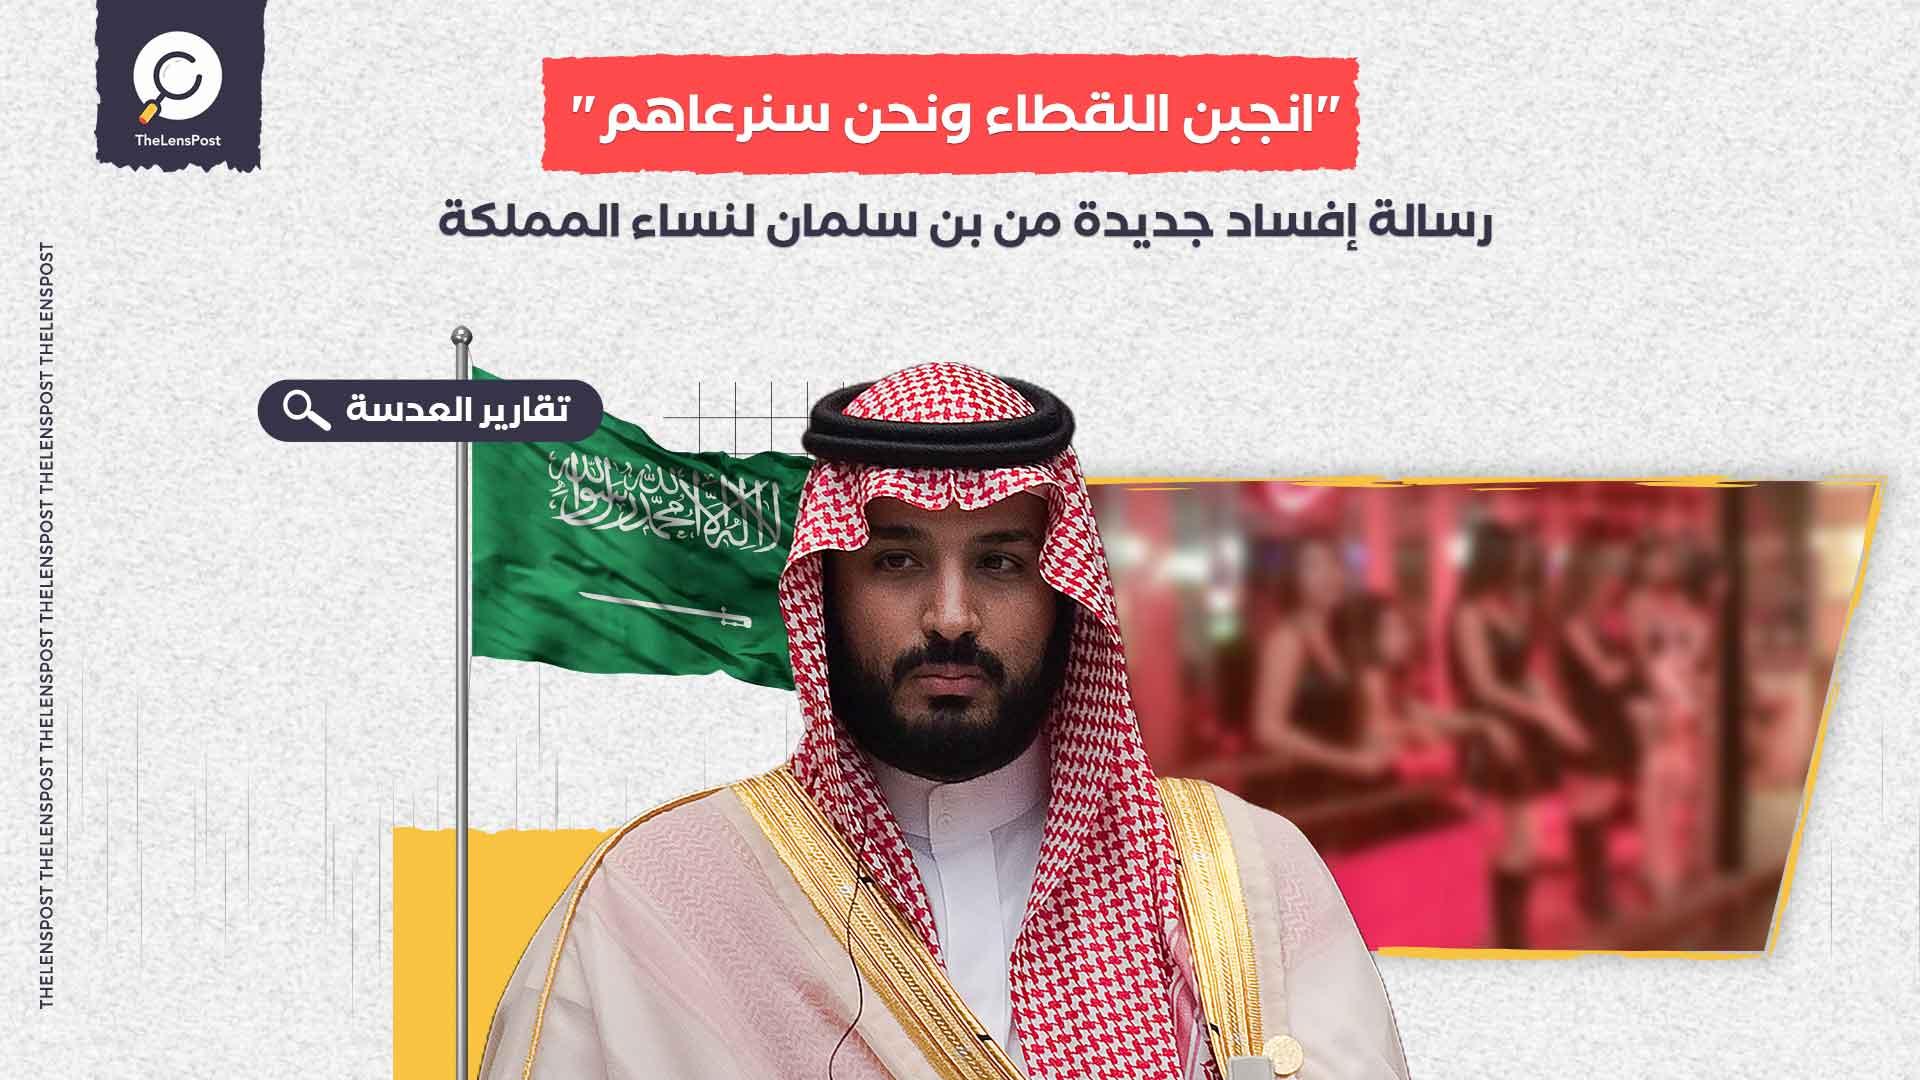 """""""انجبن اللقطاء ونحن سنرعاهم"""".. رسالة إفساد جديدة من بن سلمان لنساء المملكة"""